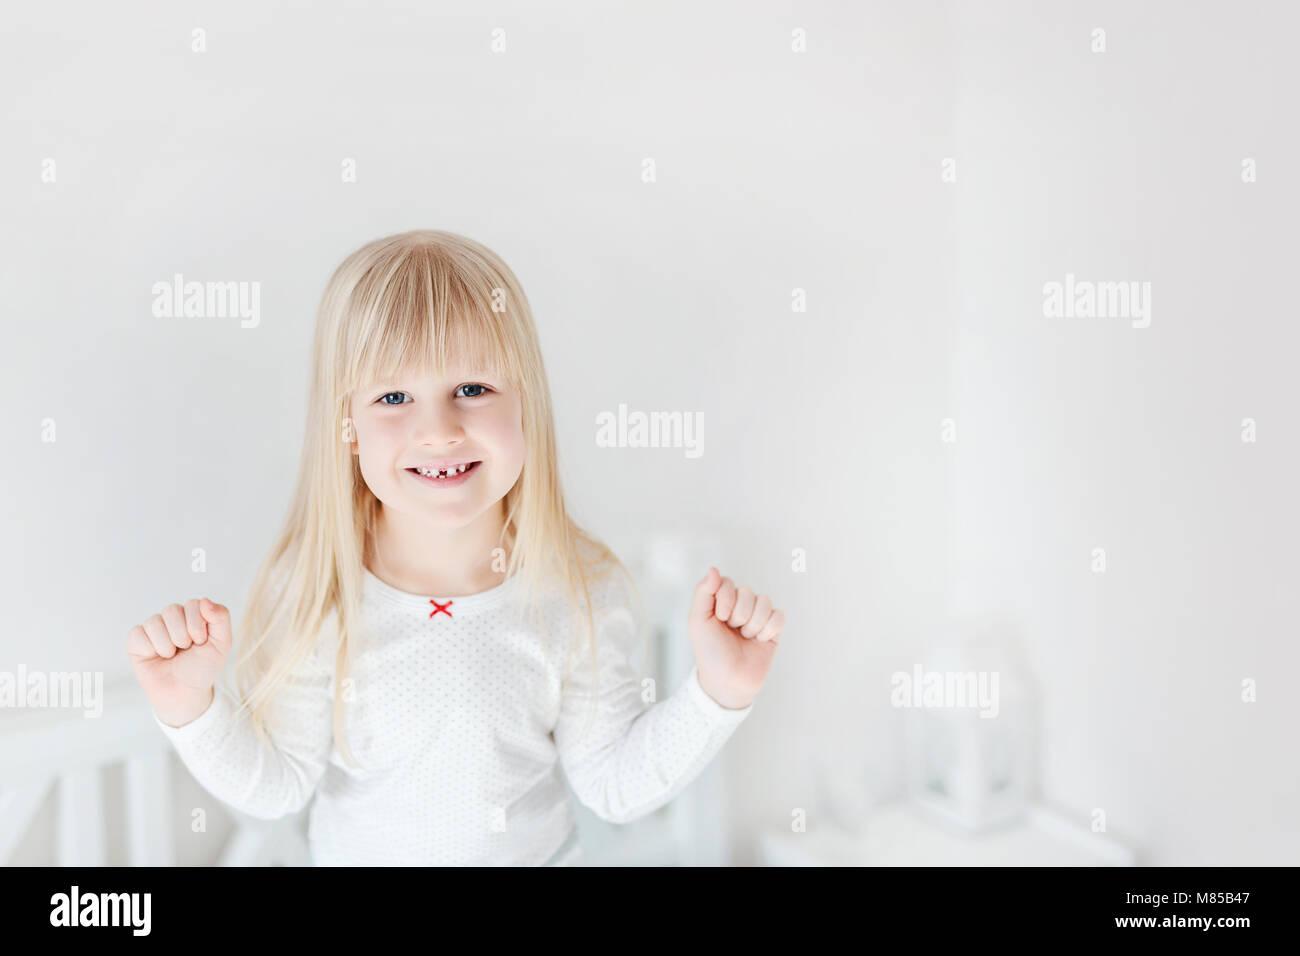 Portrait von kleinen niedlichen stehendes Mädchen auf dem Bett. Adorable lächelndes Kind. Blonde Kind Stockbild